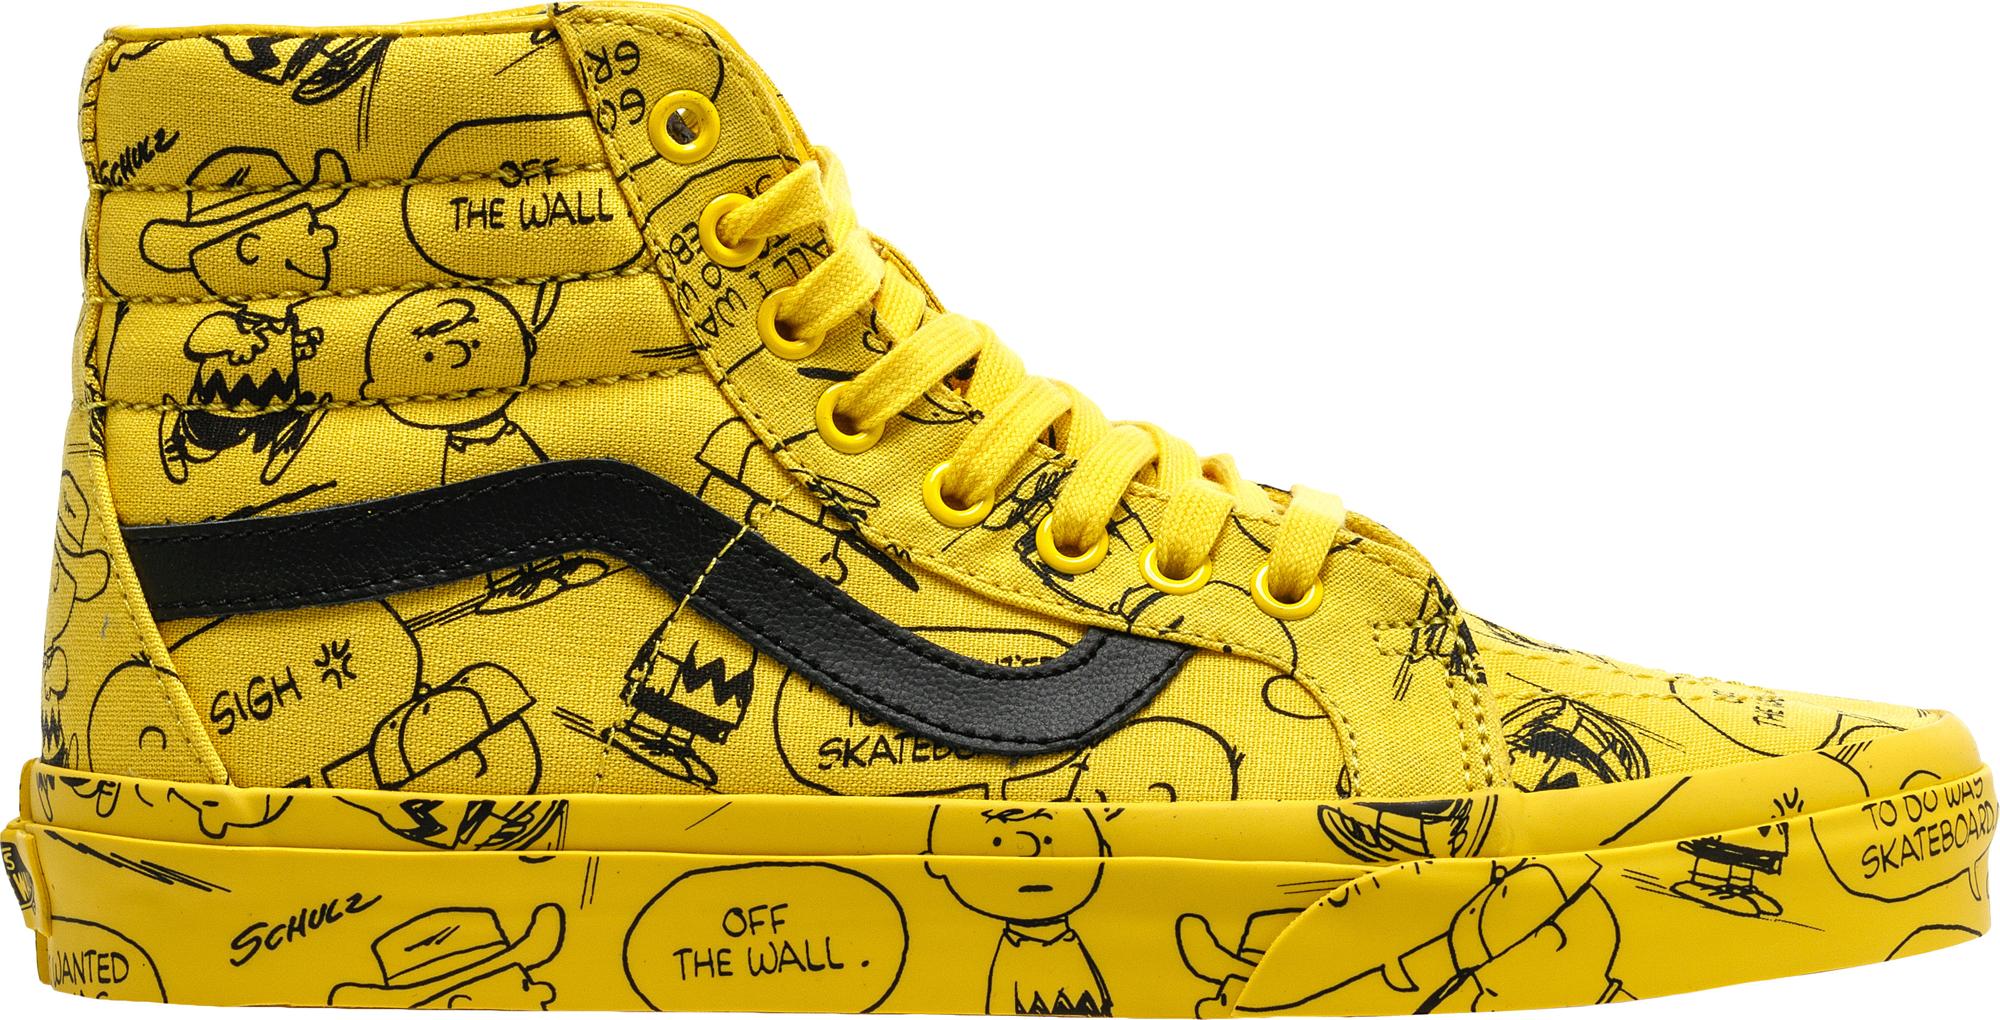 Vans Sk8-Hi Peanuts Charlie Brown